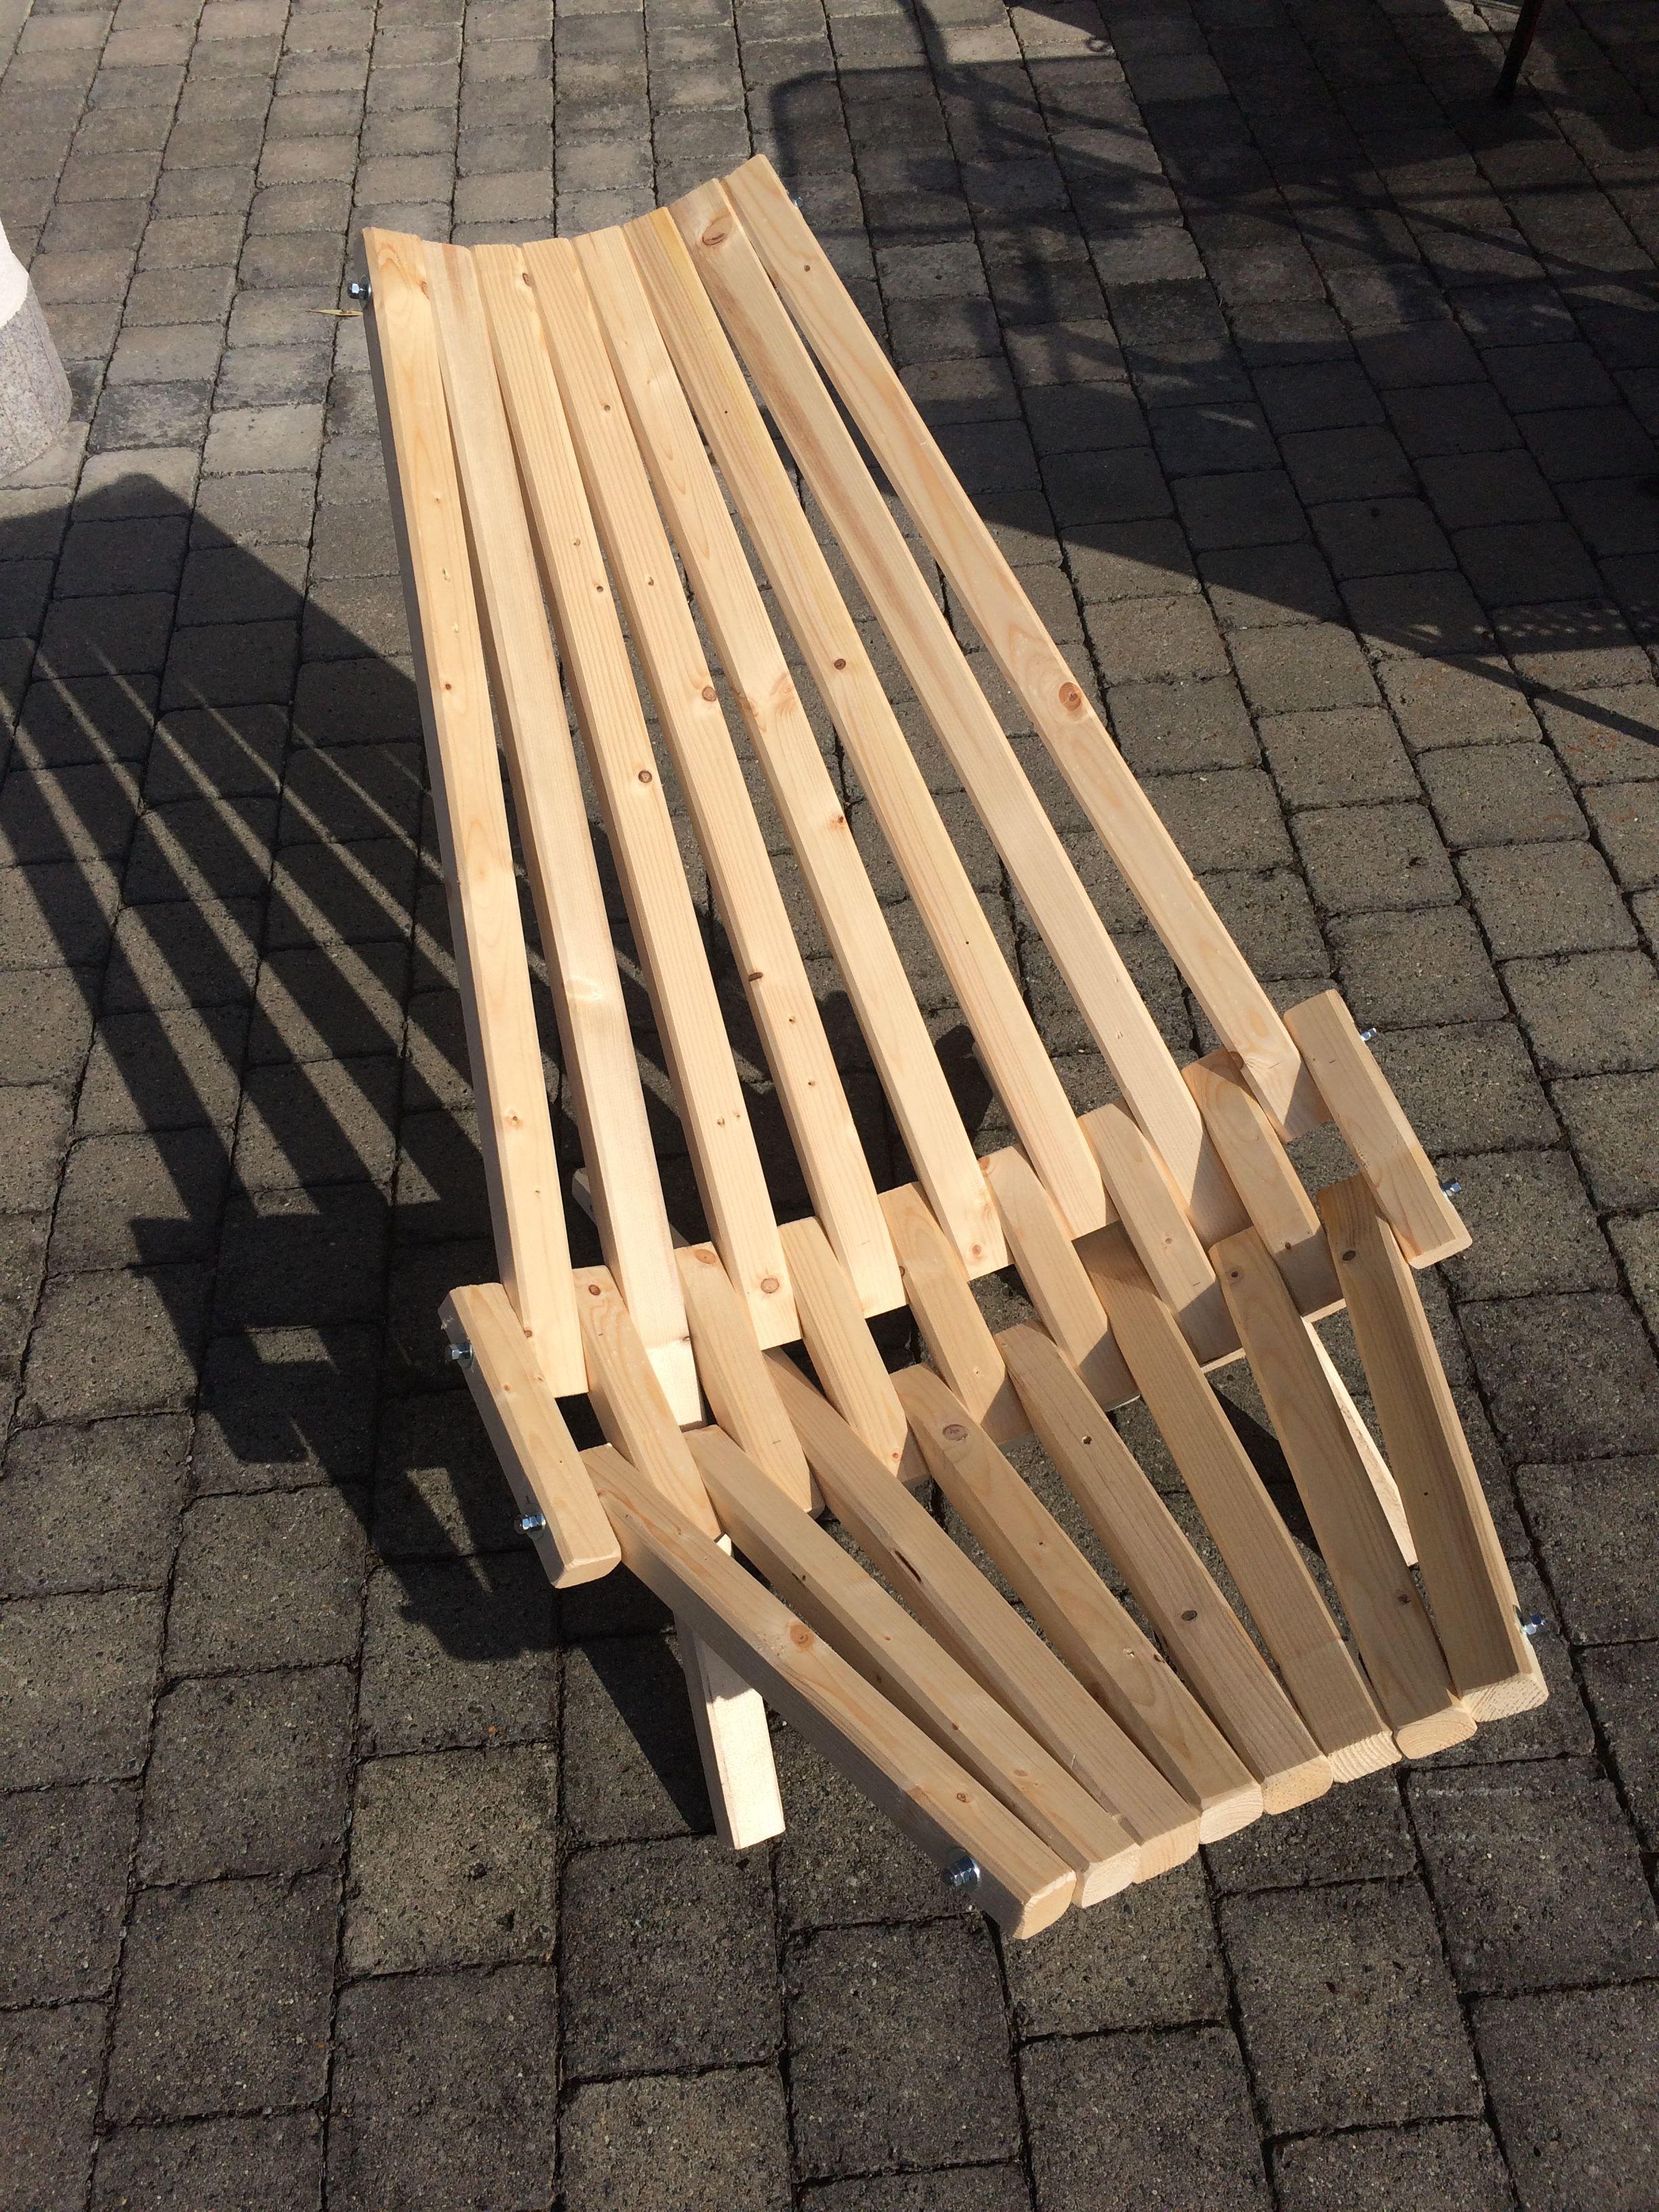 liegestuhl bauen gartenliege selber bauen best of liegestuhl holz selber bauen von. Black Bedroom Furniture Sets. Home Design Ideas